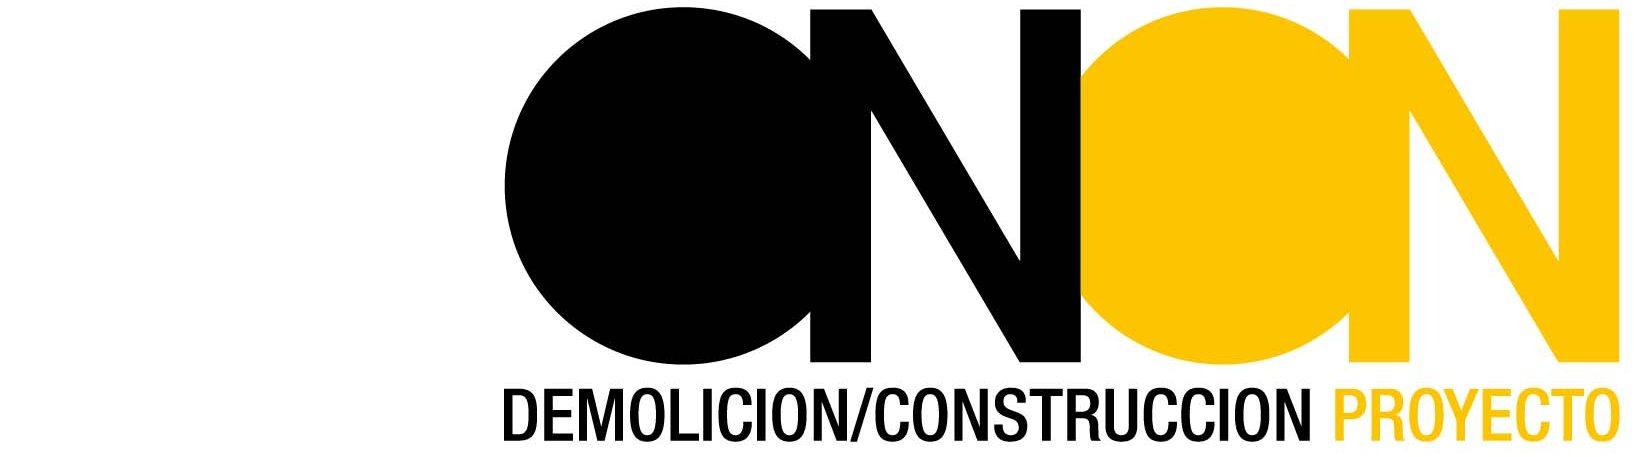 Demolición/Construcción